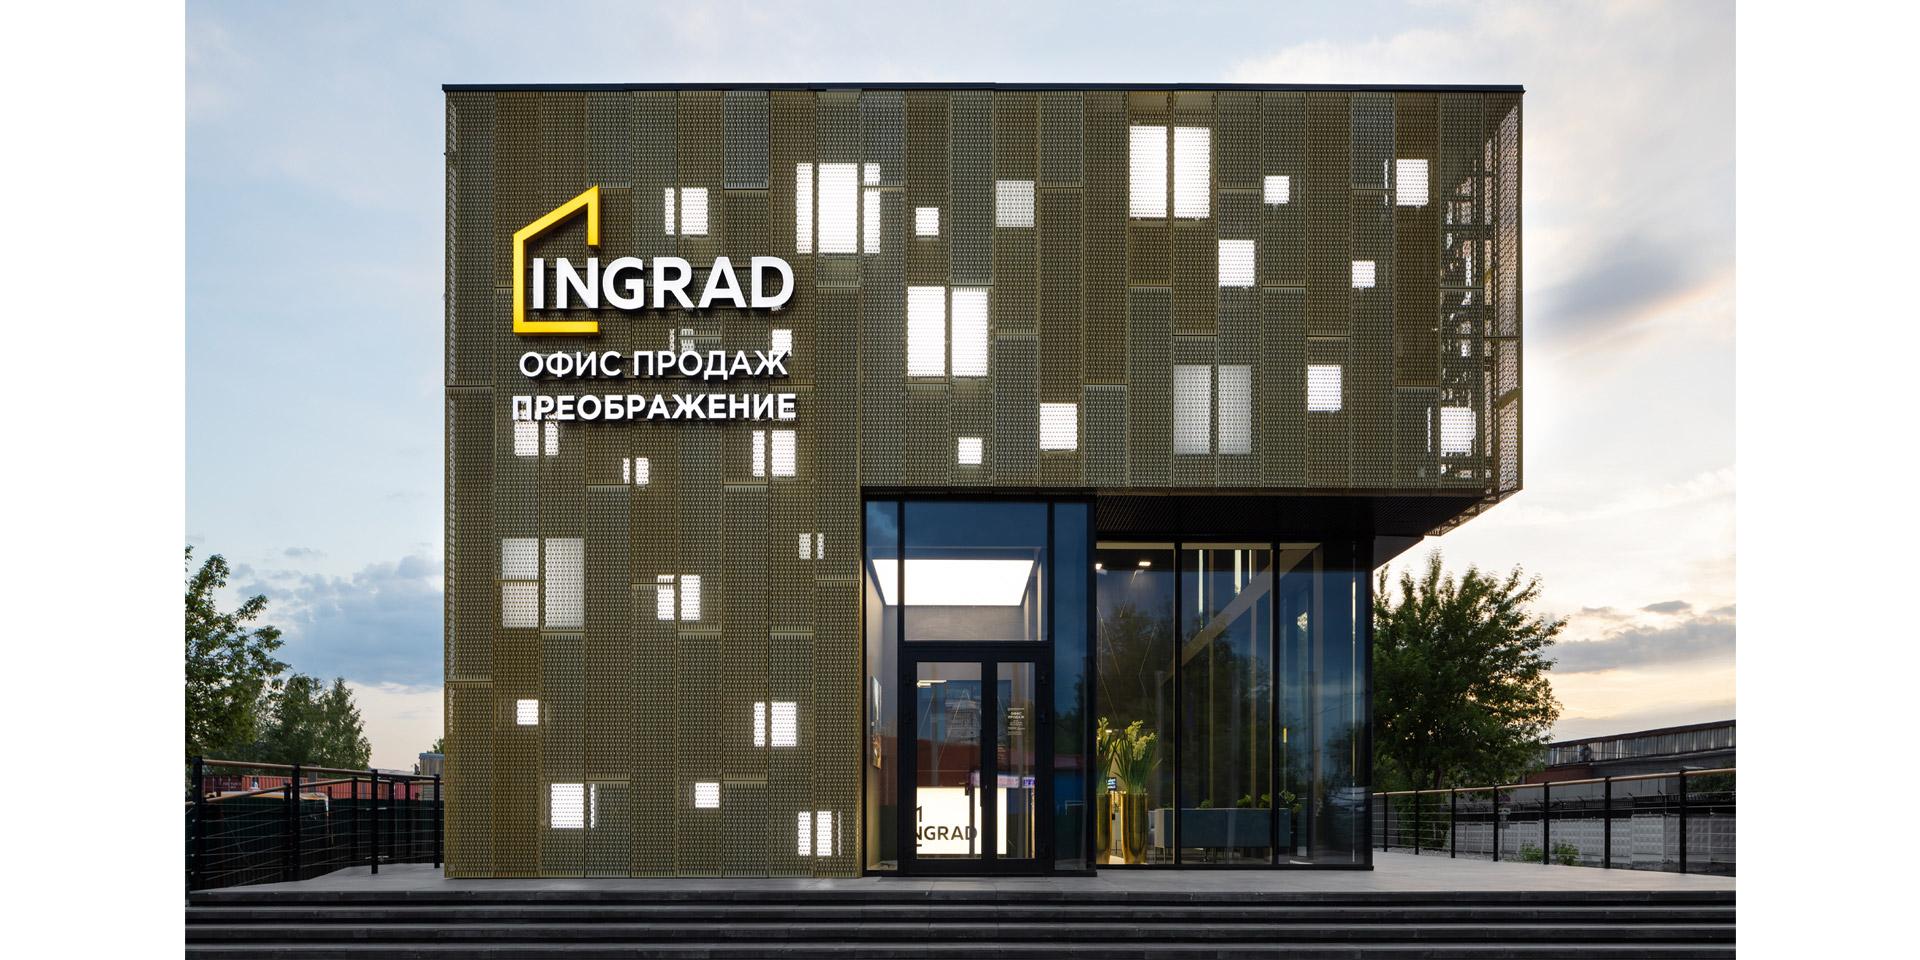 Офис продаж Ingrad Преображение